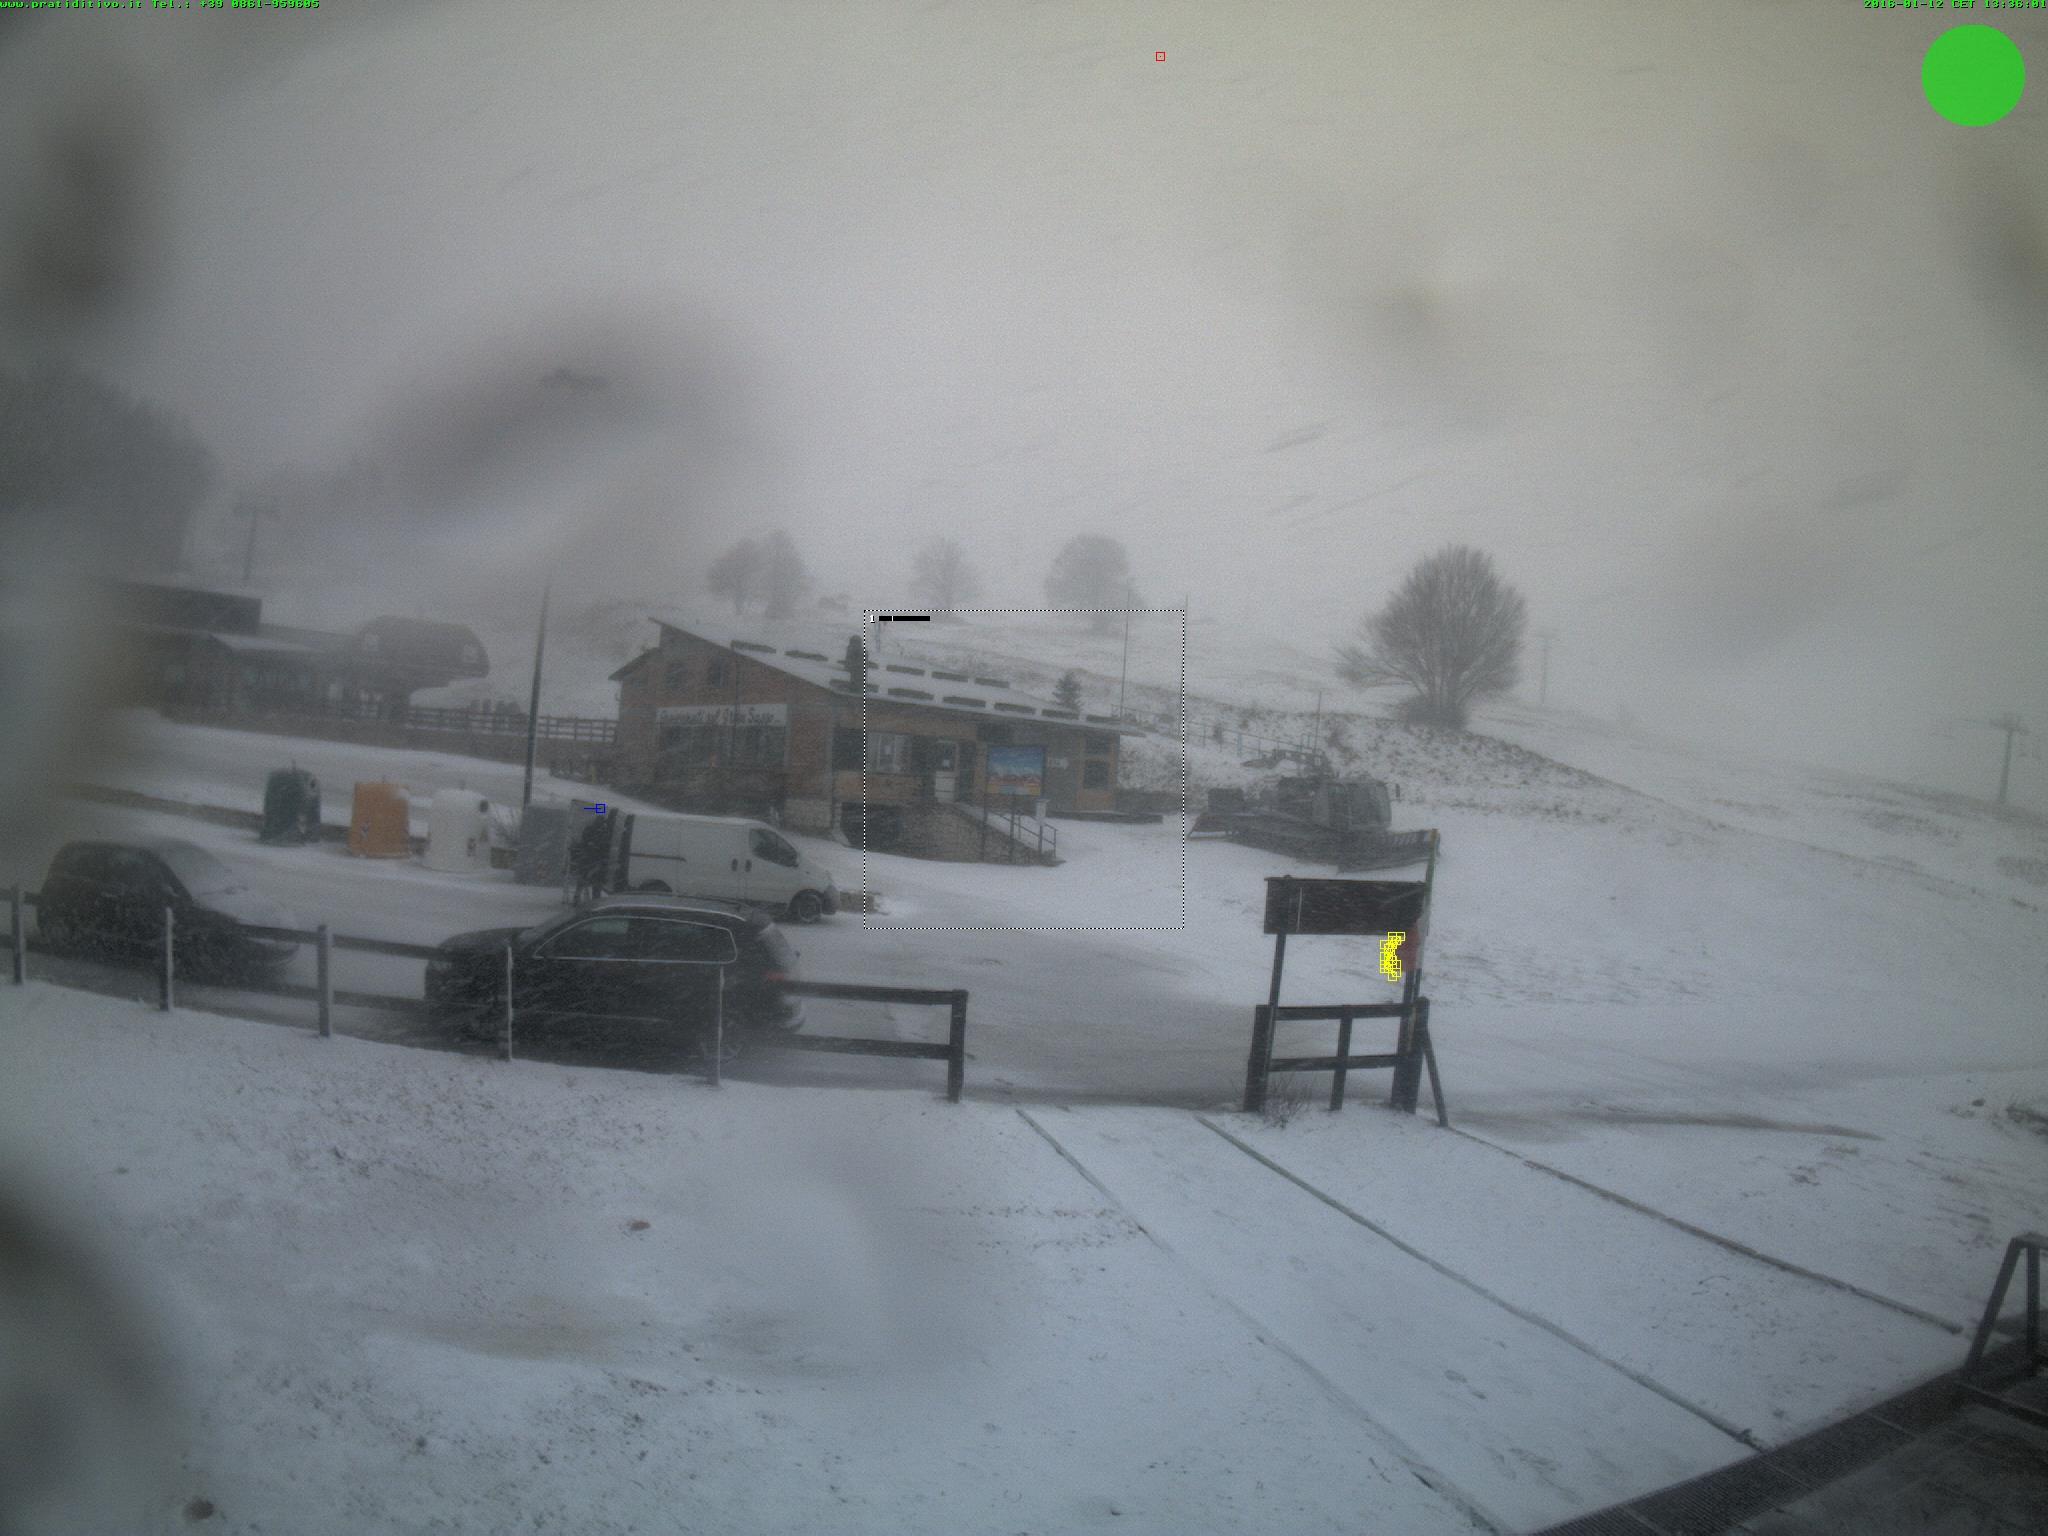 Torna la neve sull'Appennino, forti nevicate in Abruzzo con calo termico